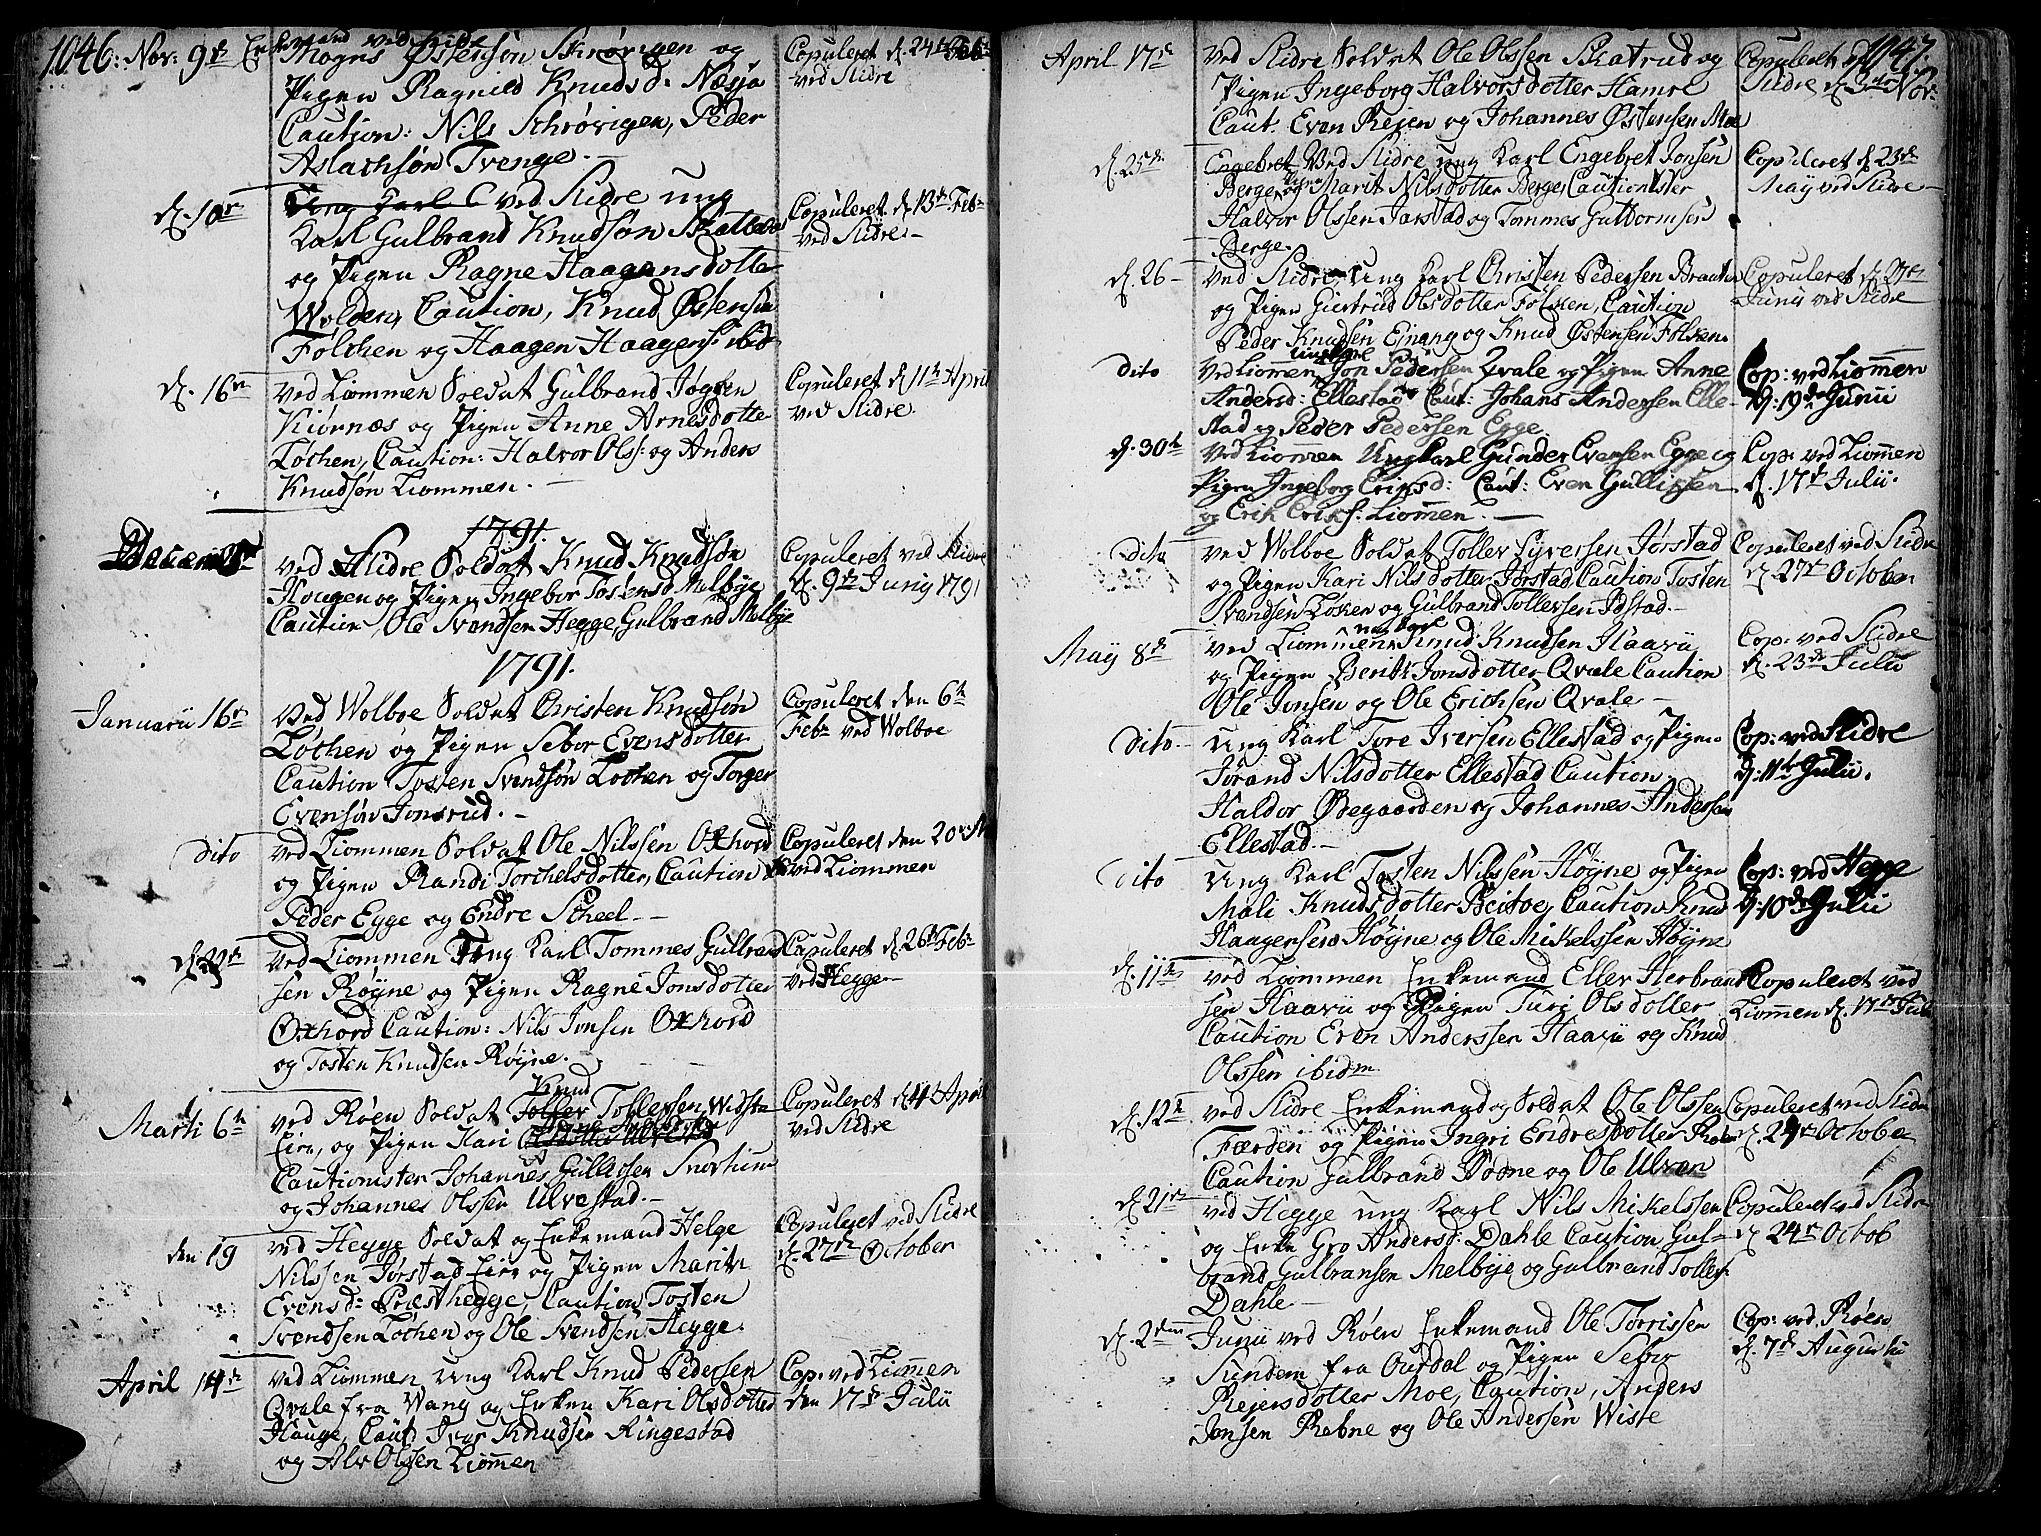 SAH, Slidre prestekontor, Ministerialbok nr. 1, 1724-1814, s. 1046-1047